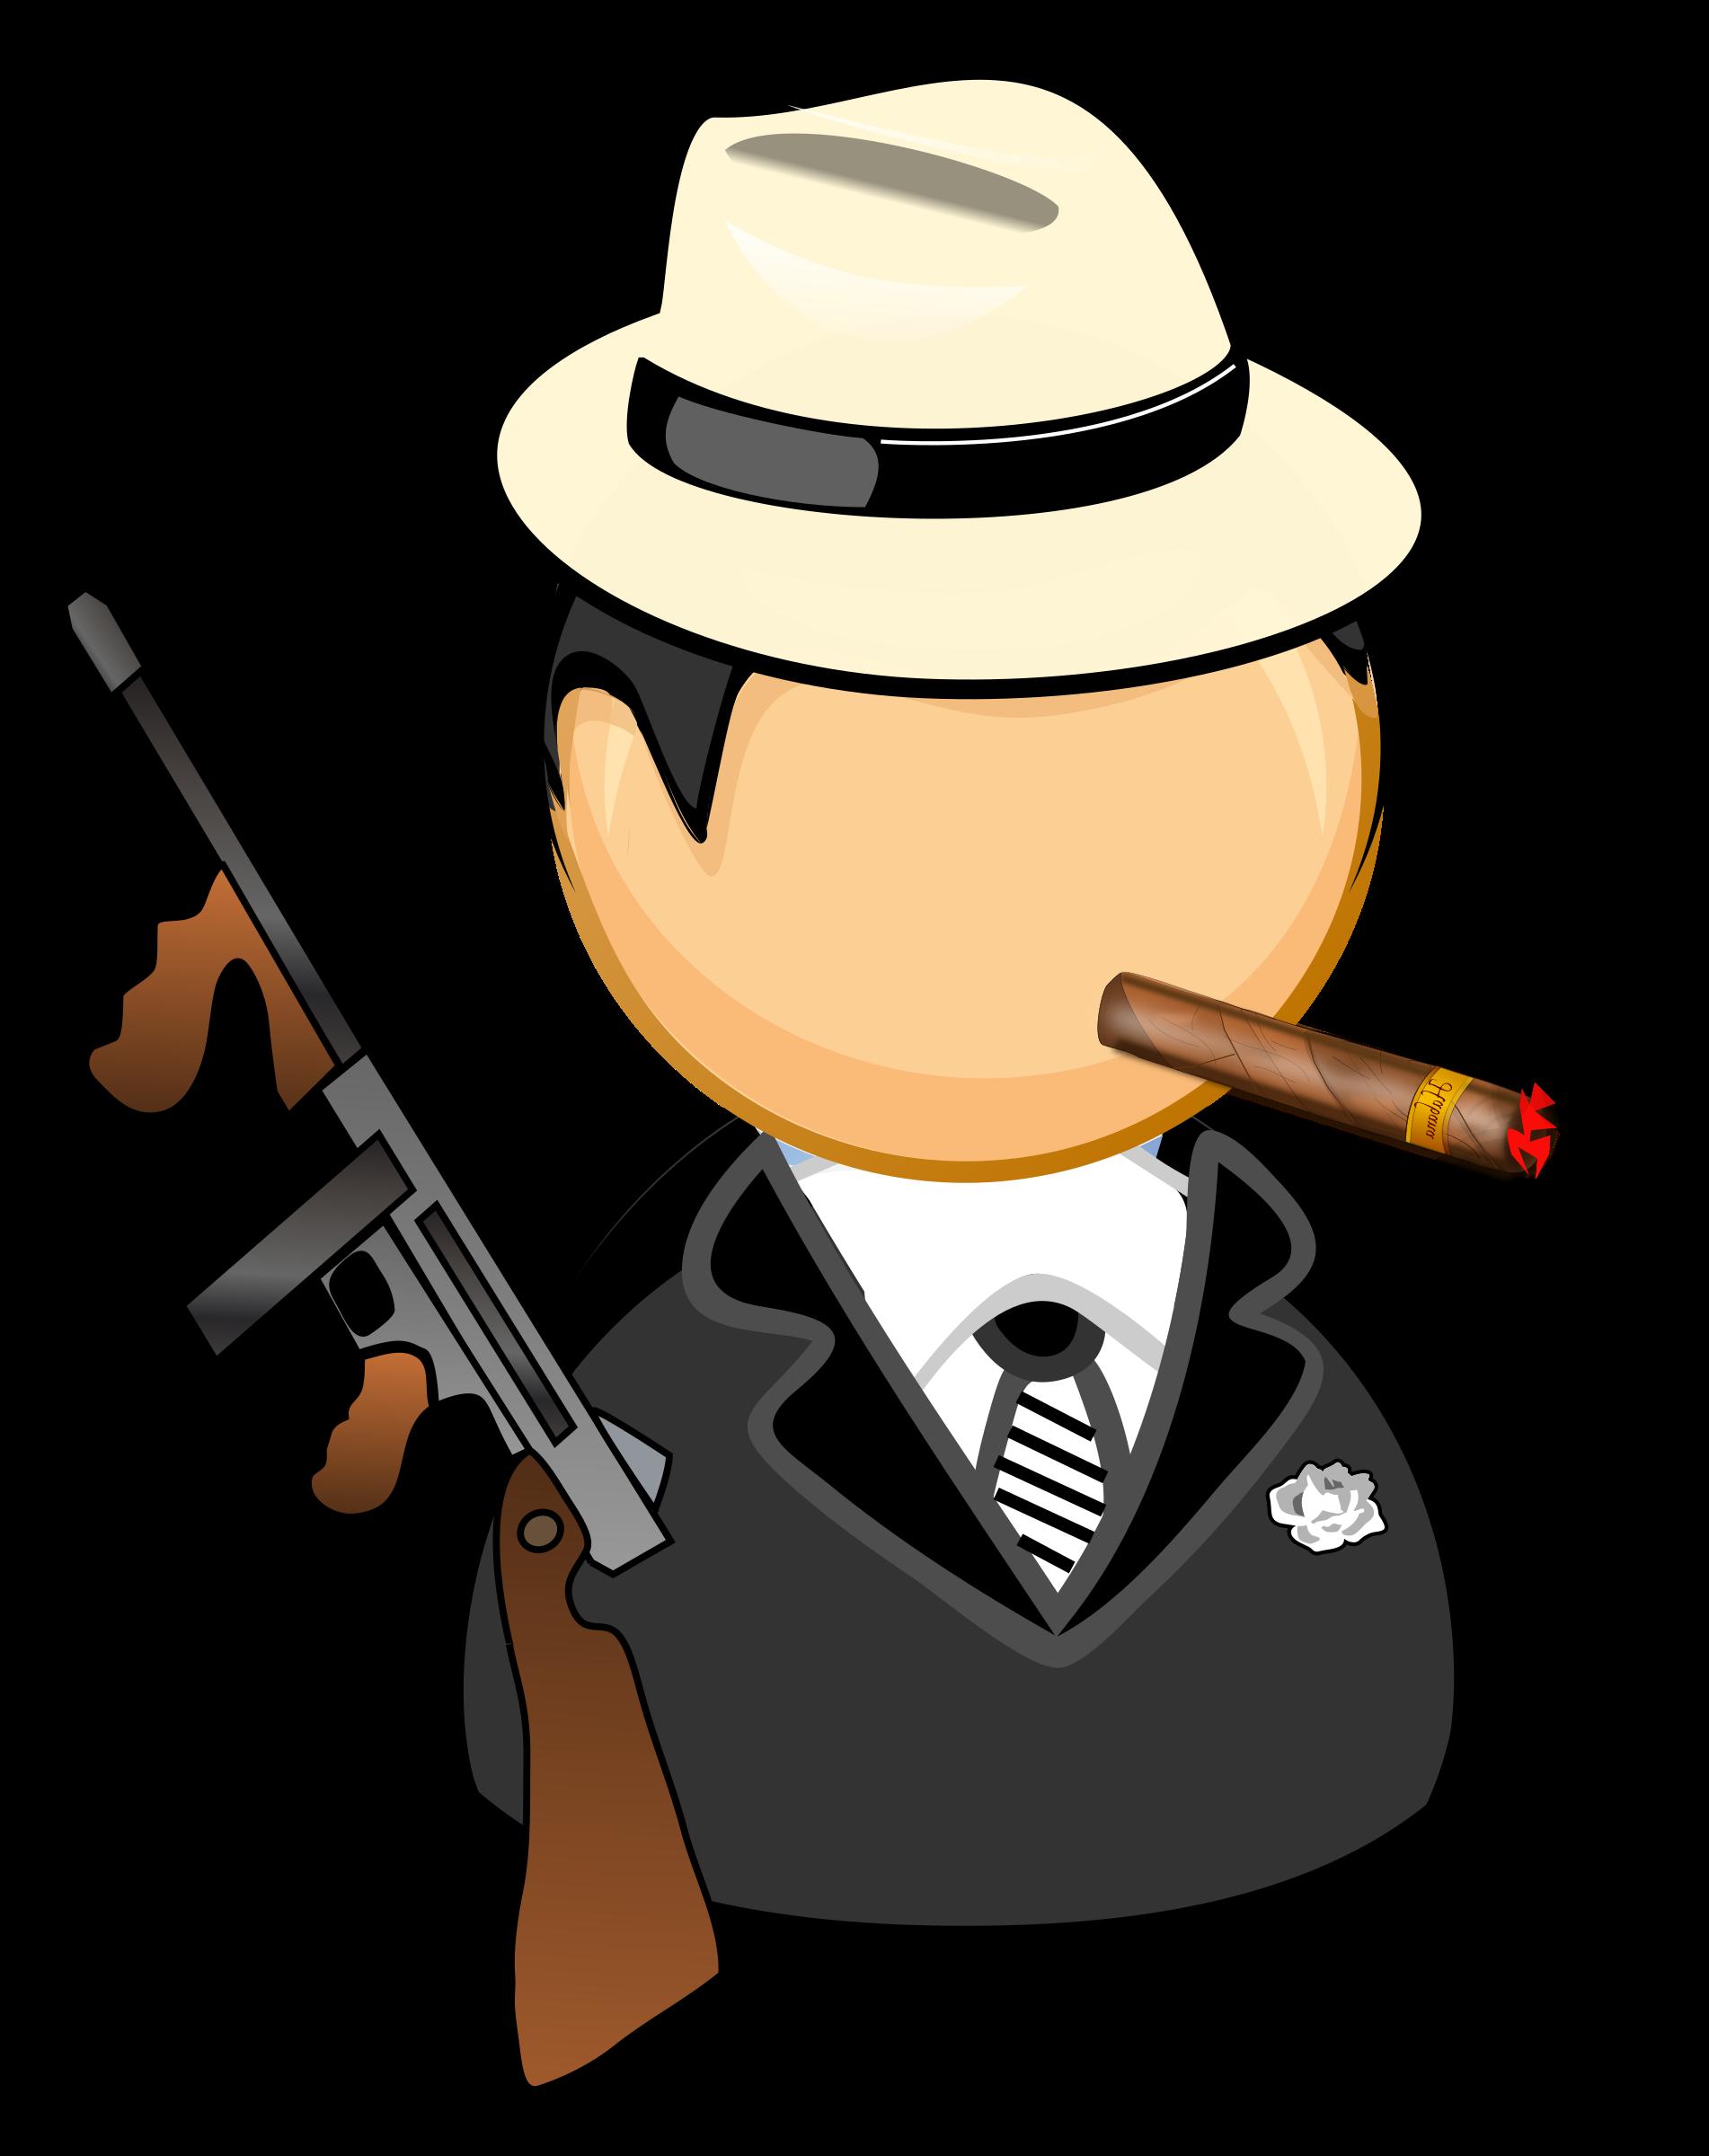 Criminal clipart typical. Gangster big image png